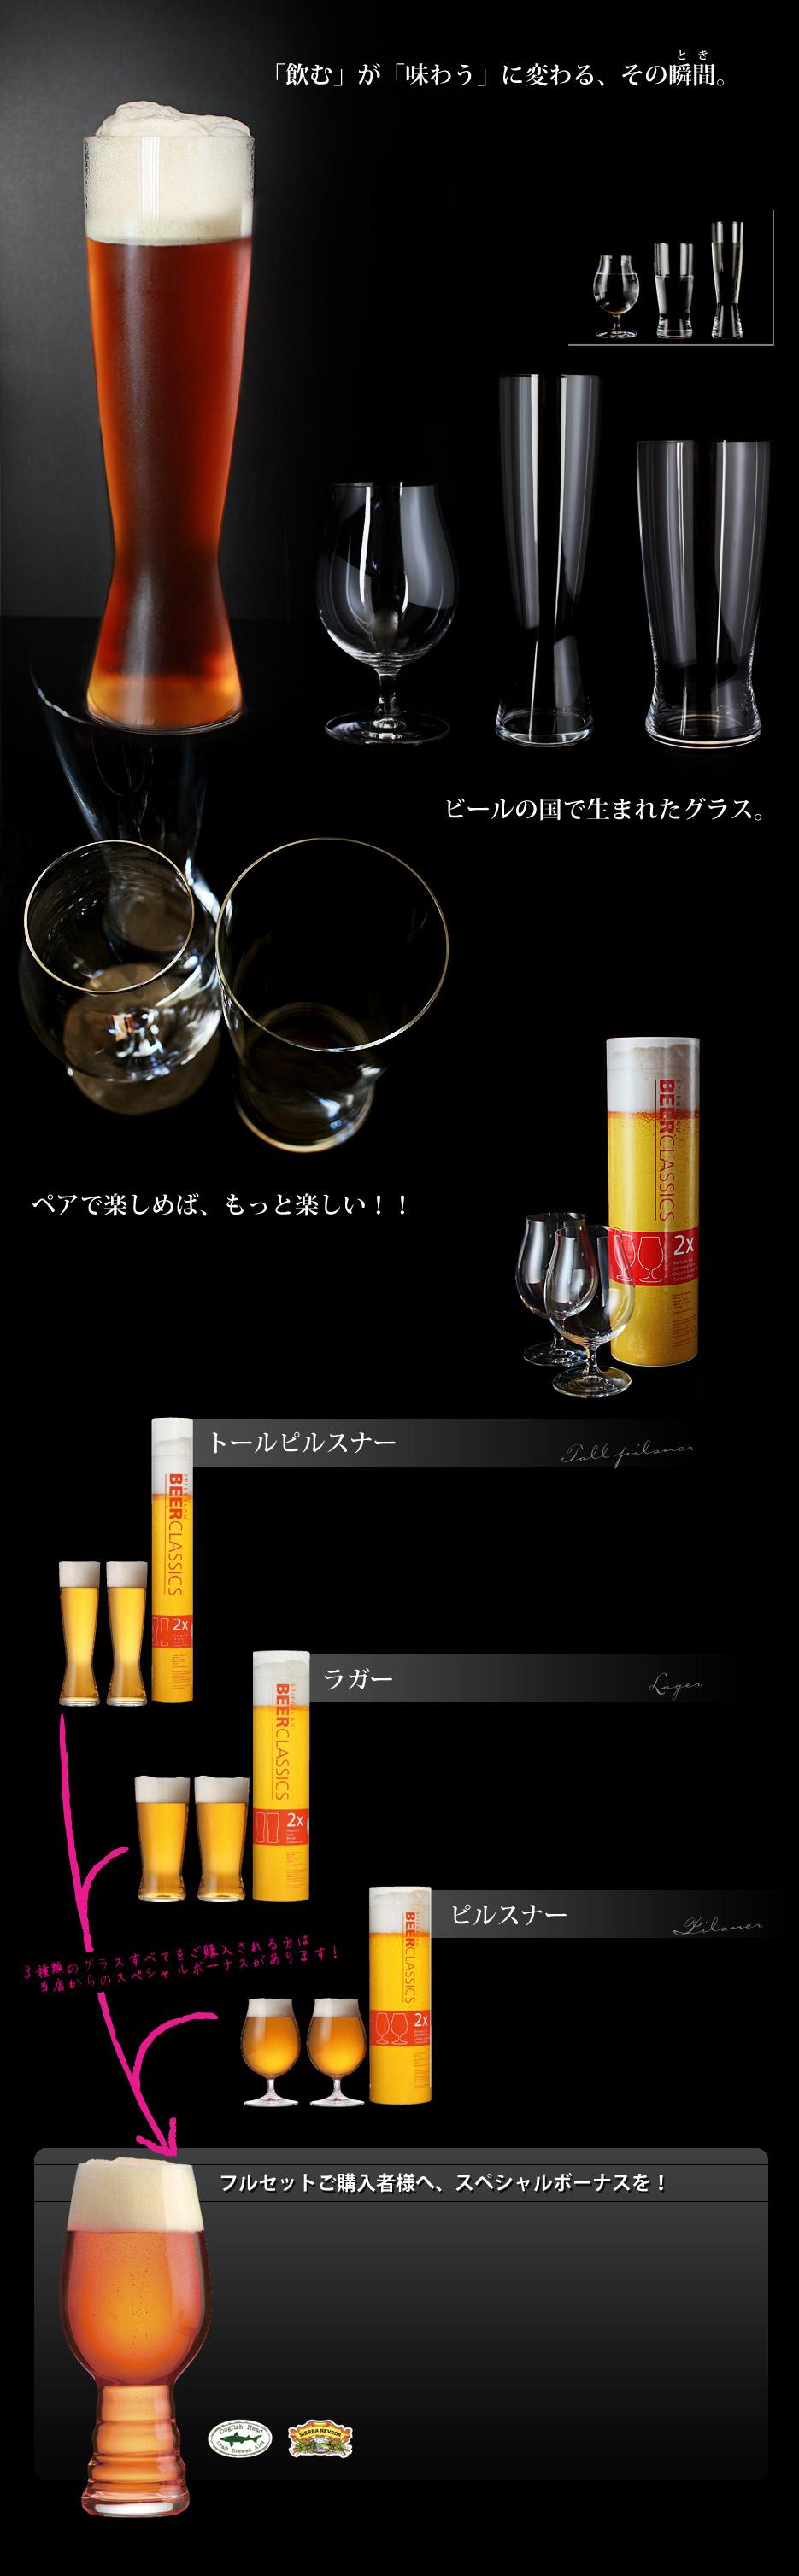 シュピゲラウ ドイツ製ビアテイスティンググラス